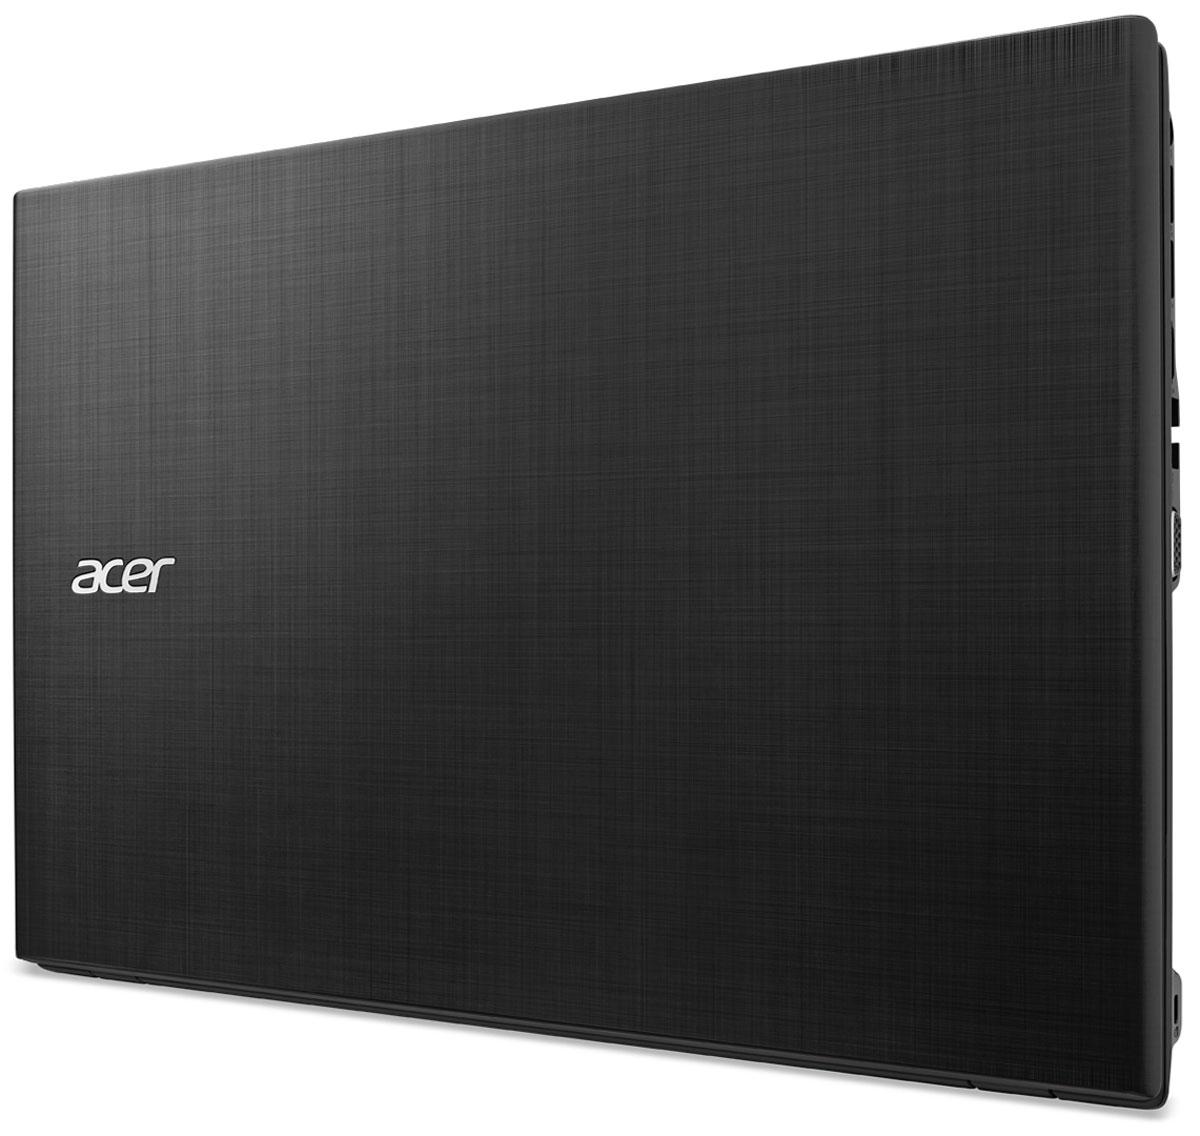 Acer Aspire F5-571G-34MK, Black (YBNX.GA2ER.001) ( YBNX.GA2ER.001 )